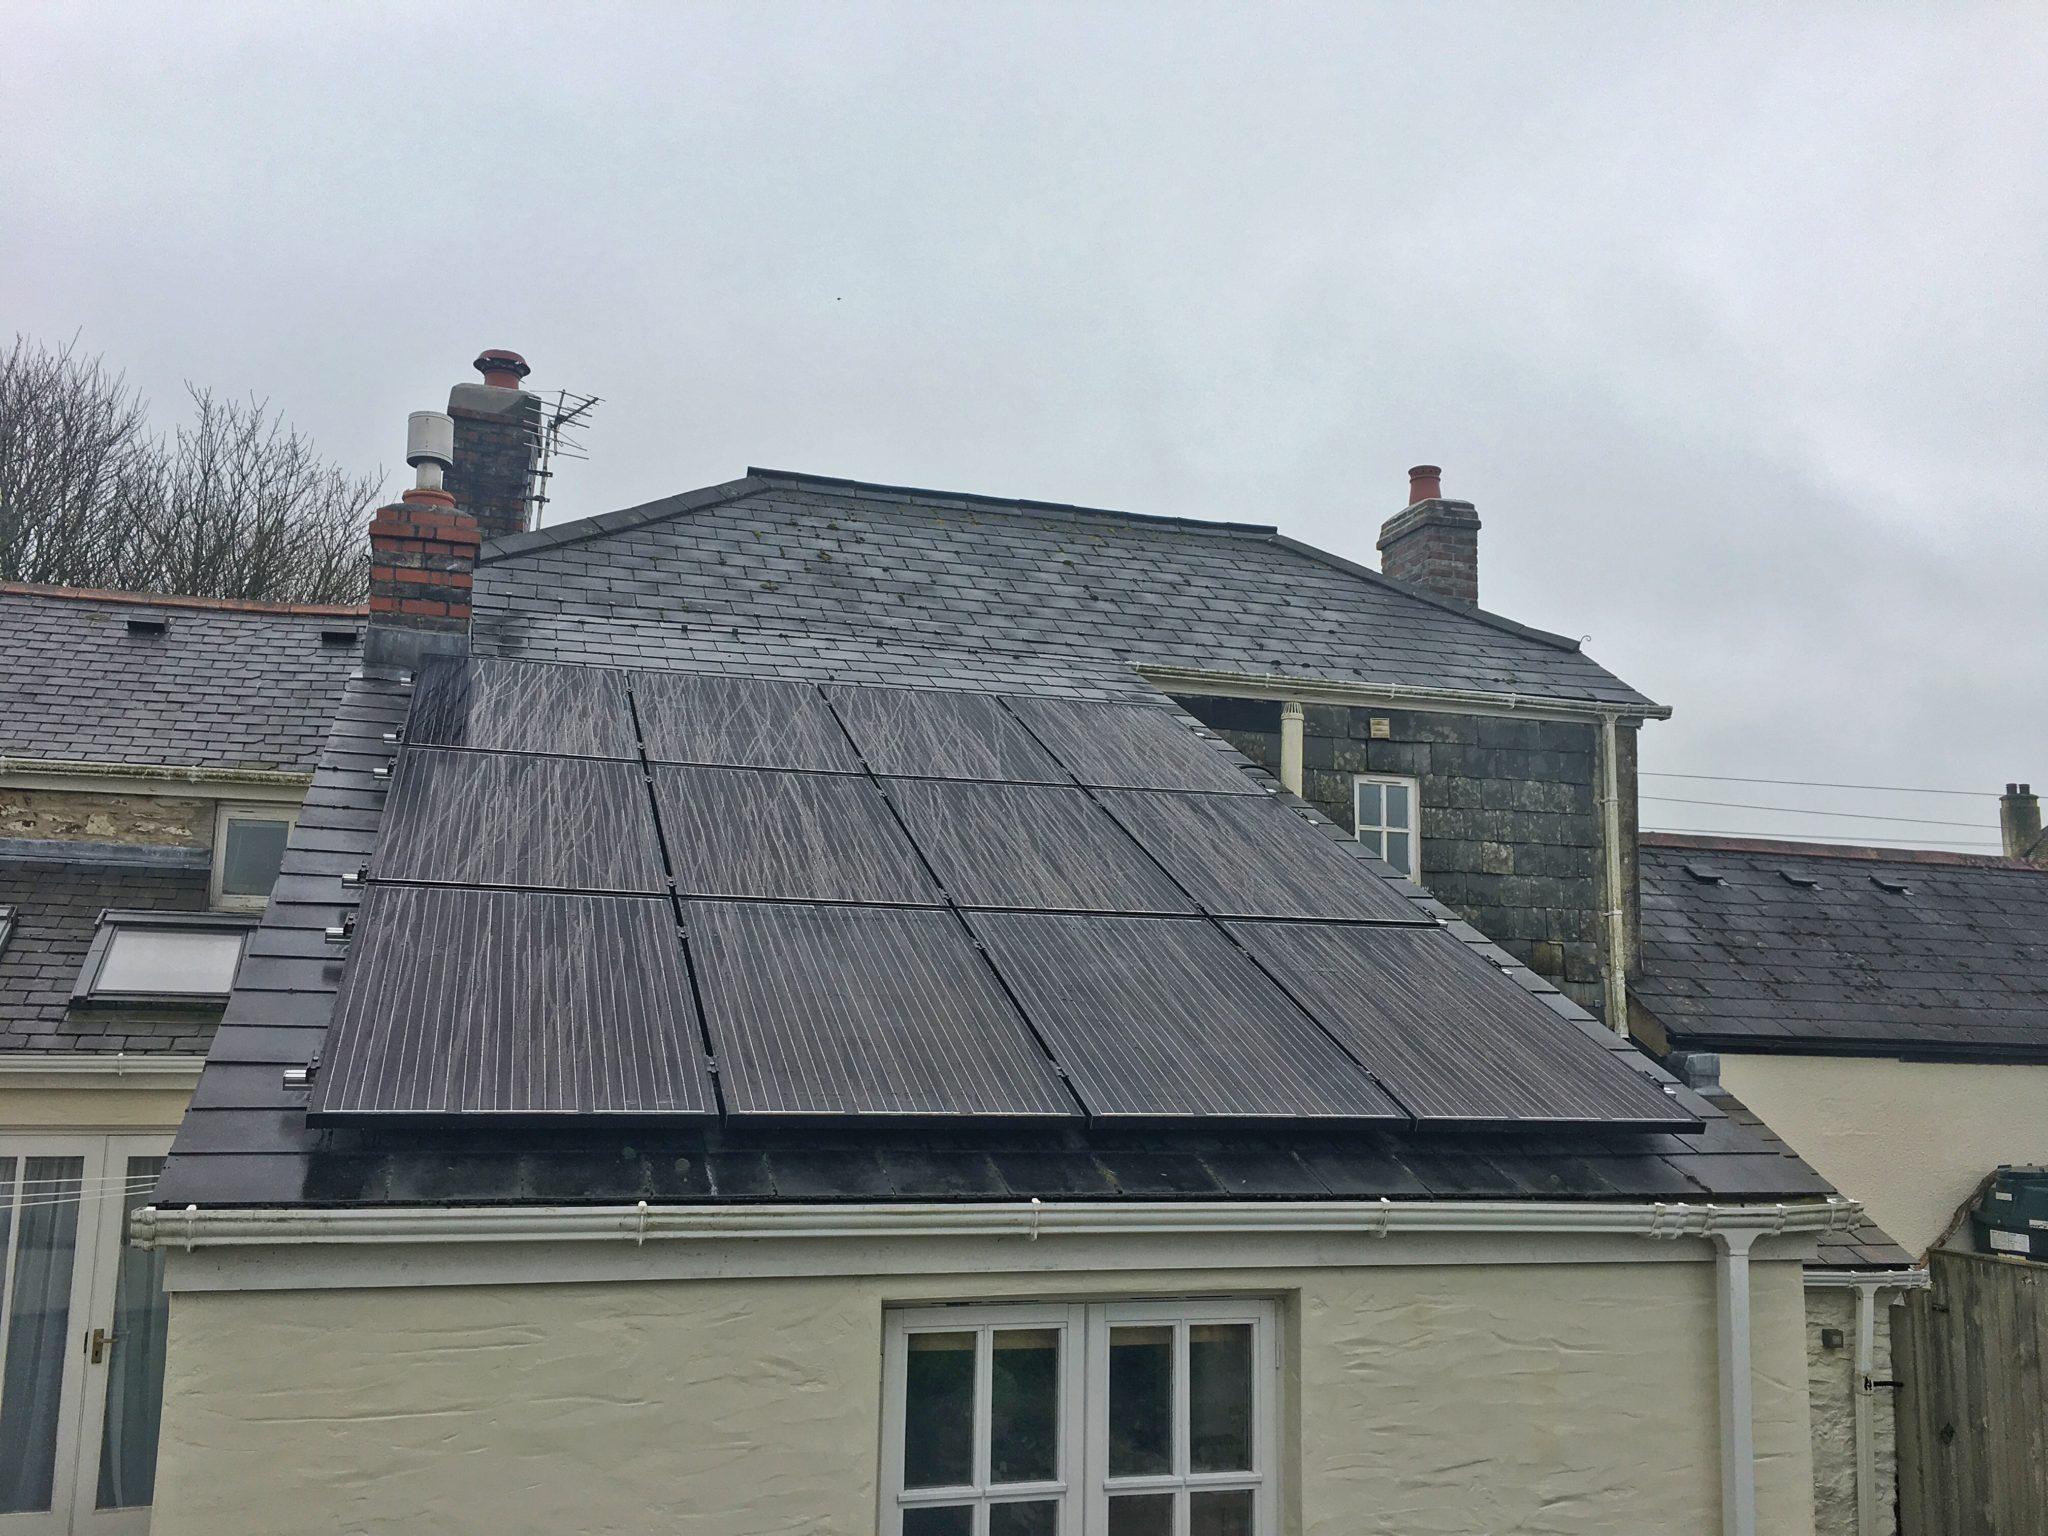 A 3.3kW solar PV installation near Truro, Cornwall.